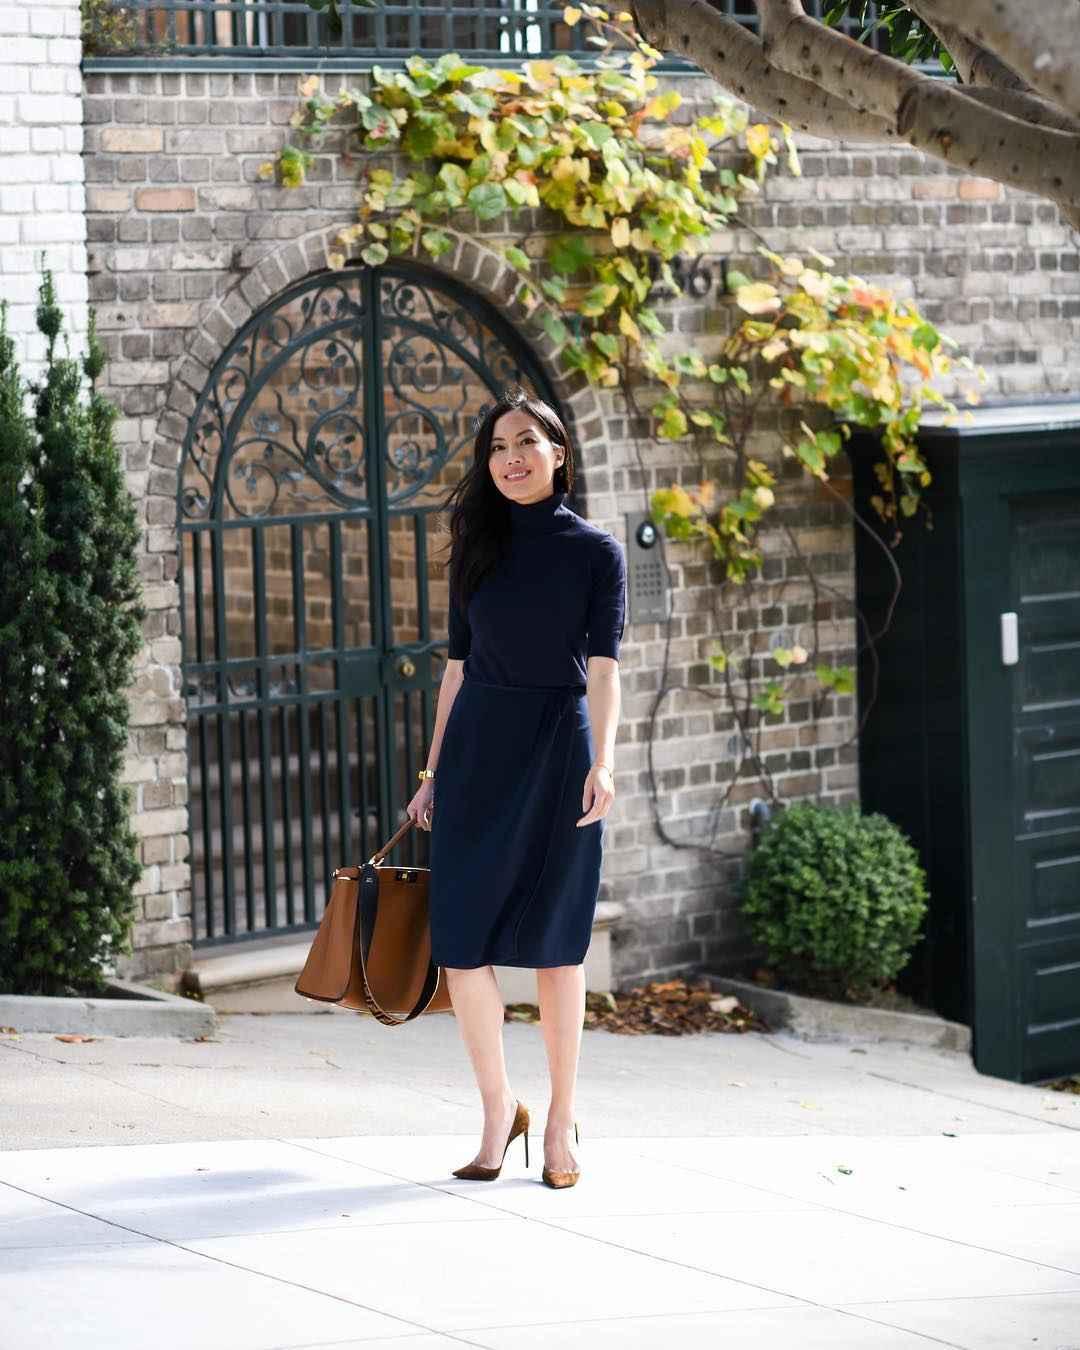 Деловые платья для женщин фото идеи_8